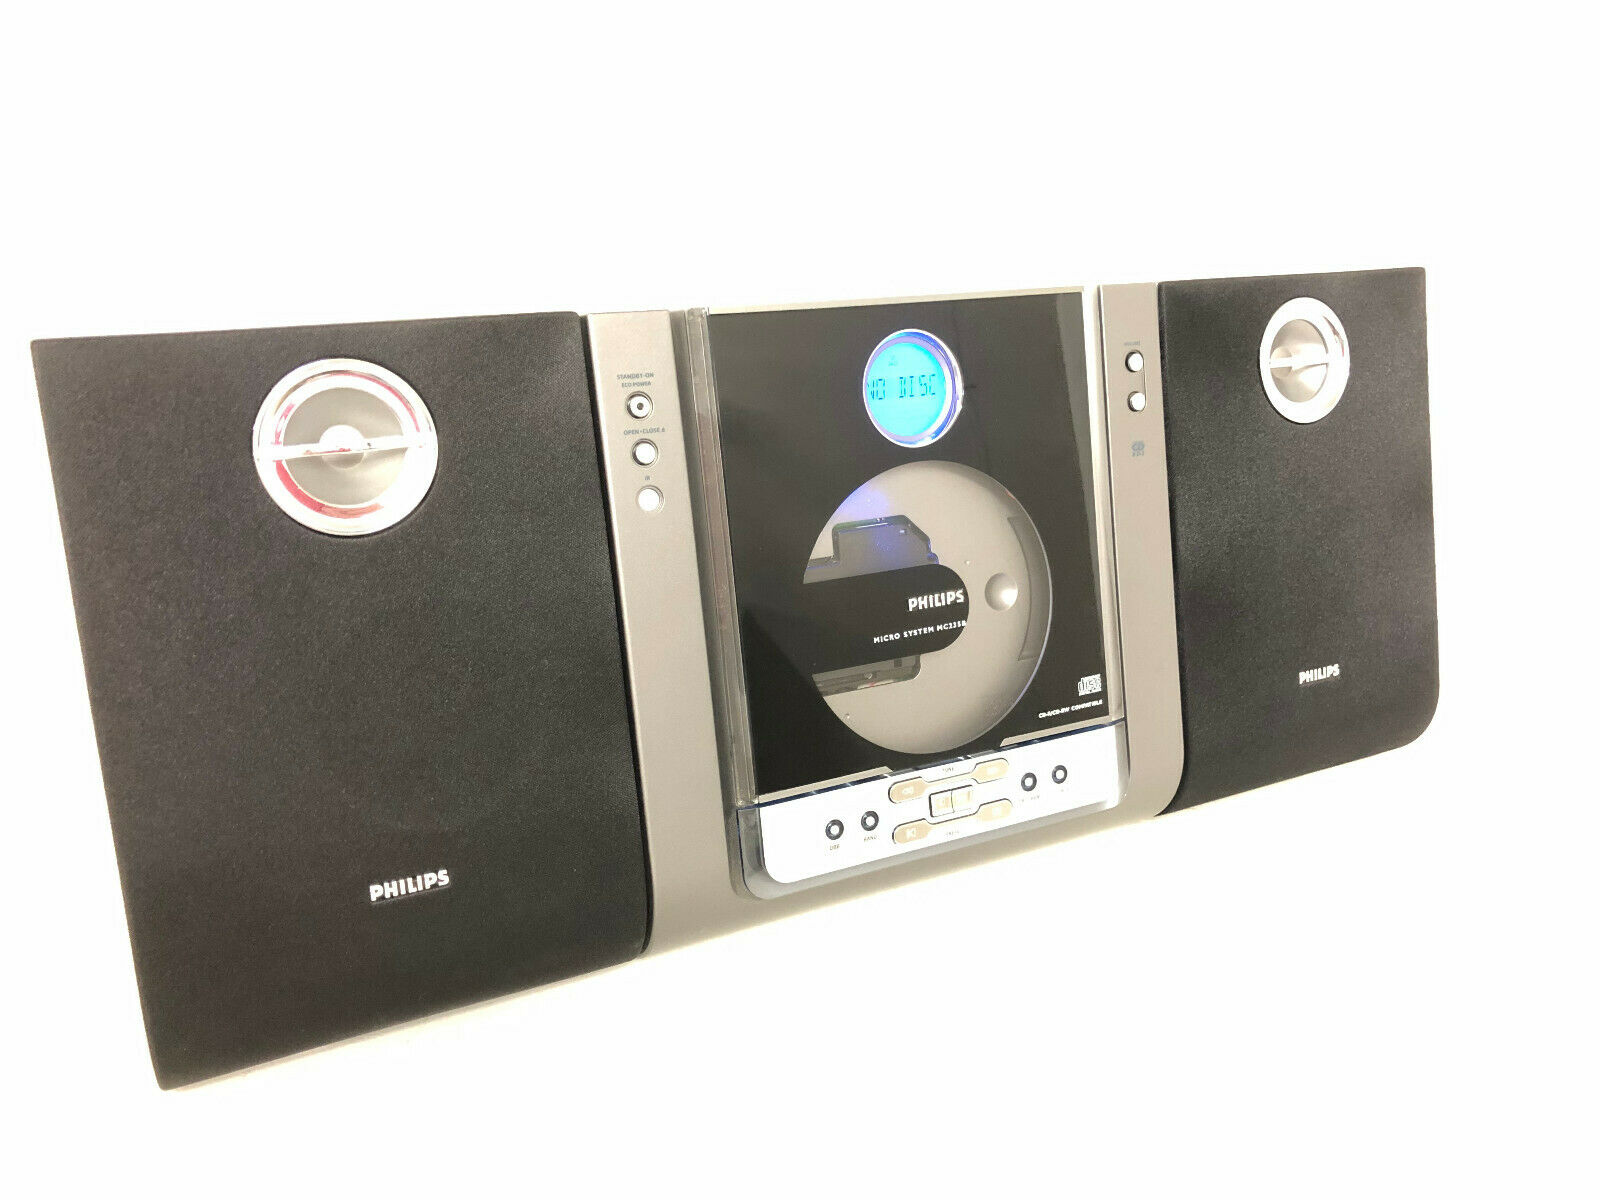 Philips-MC235B - 137714